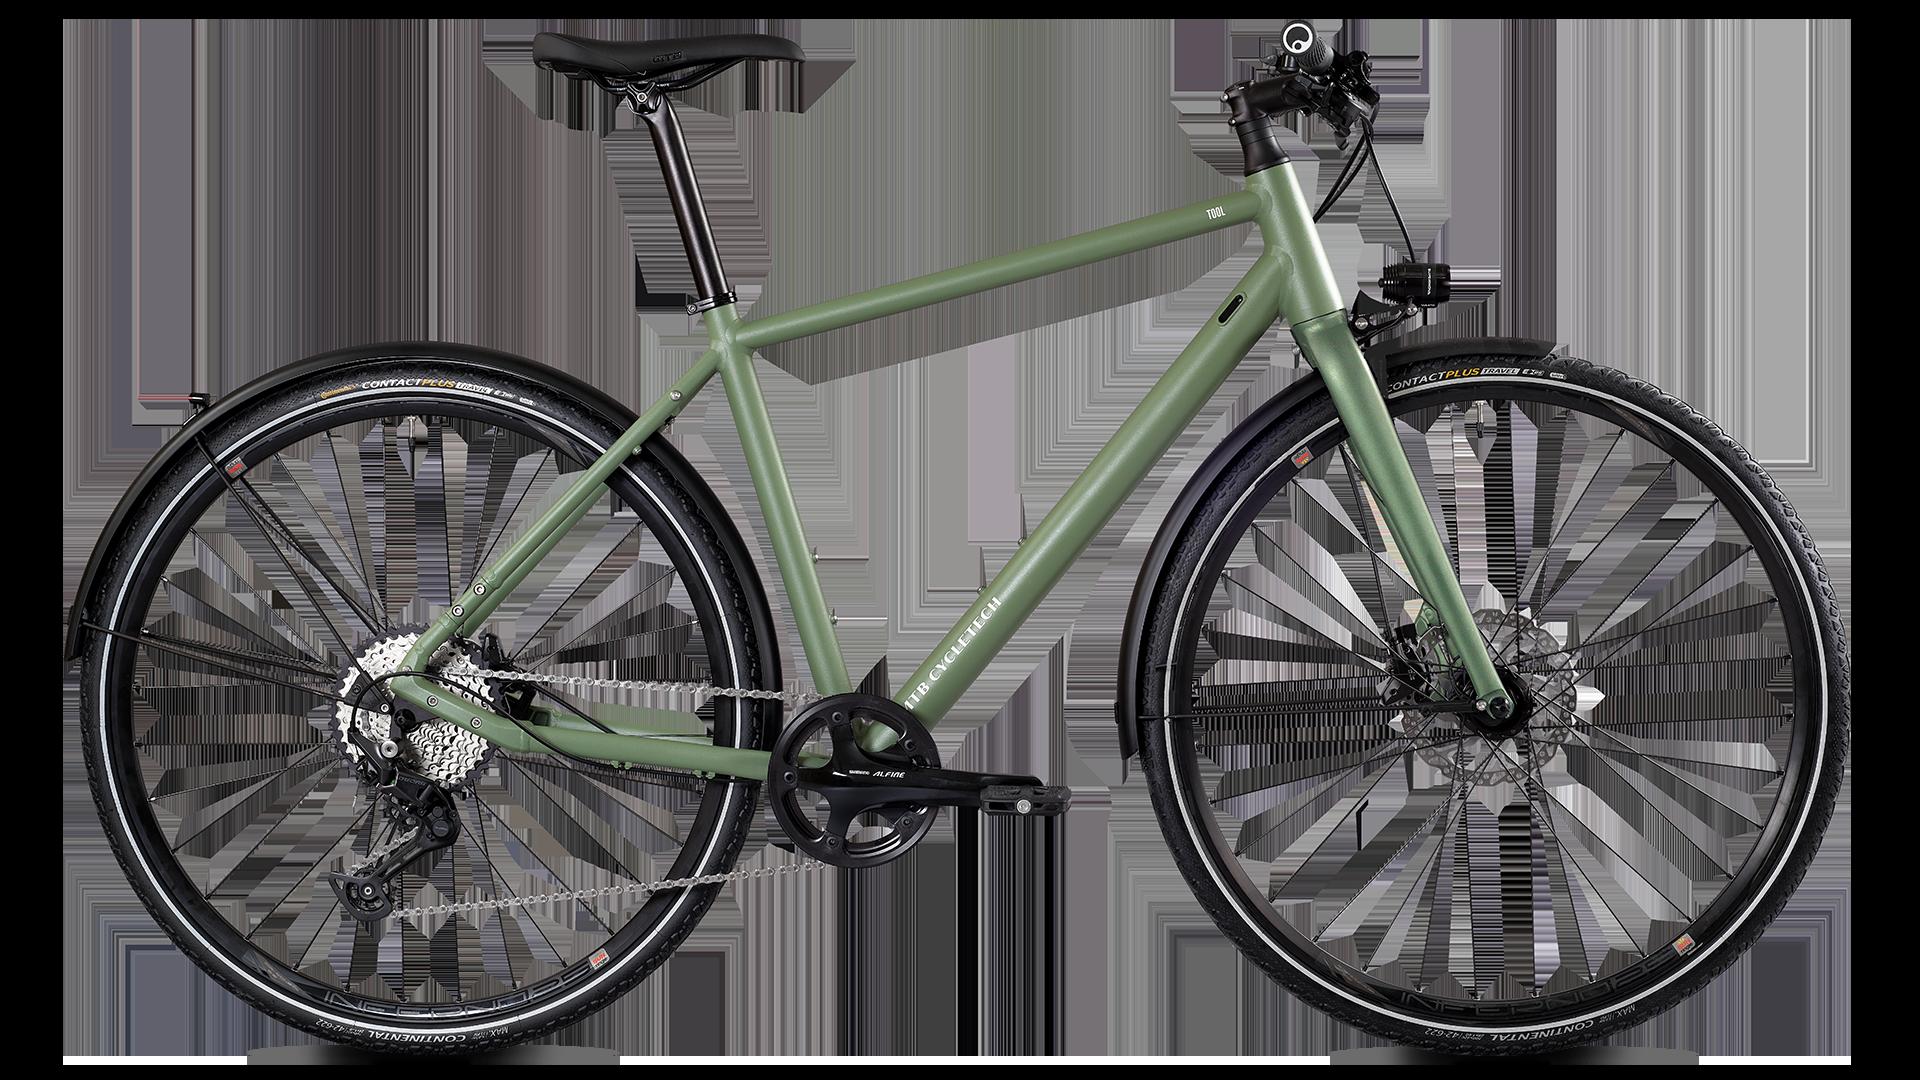 Modell - Tool man - MTB Cycletech